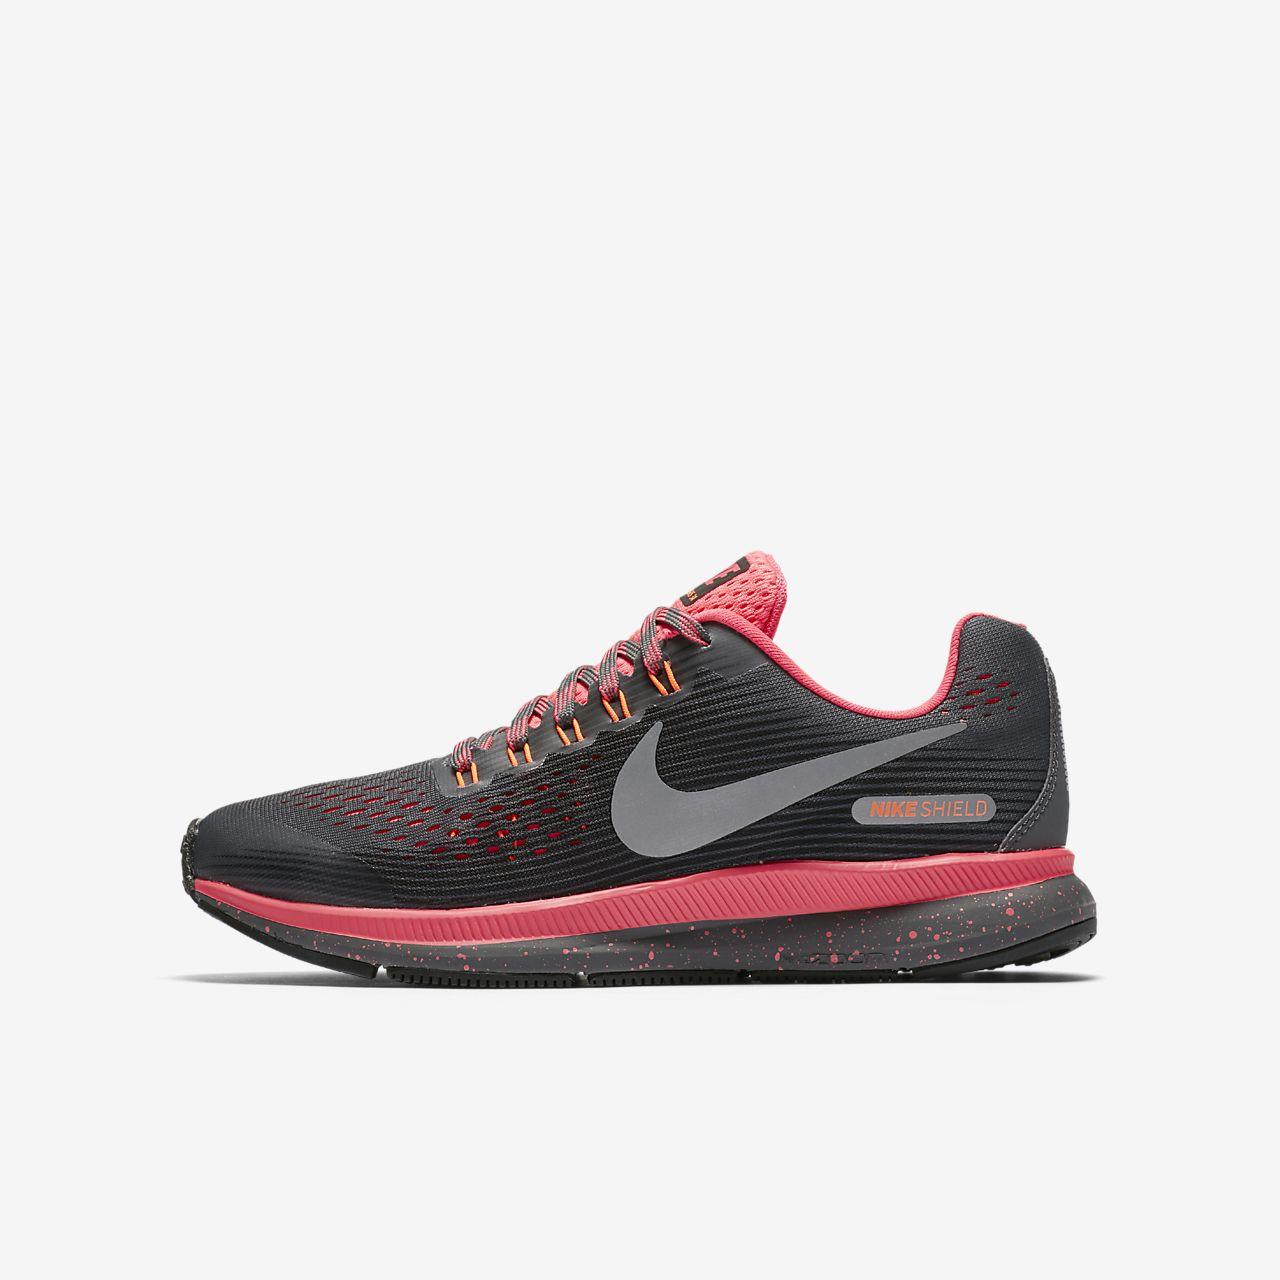 ... Nike Zoom Pegasus 34 Shield Zapatillas de running - Niño/a